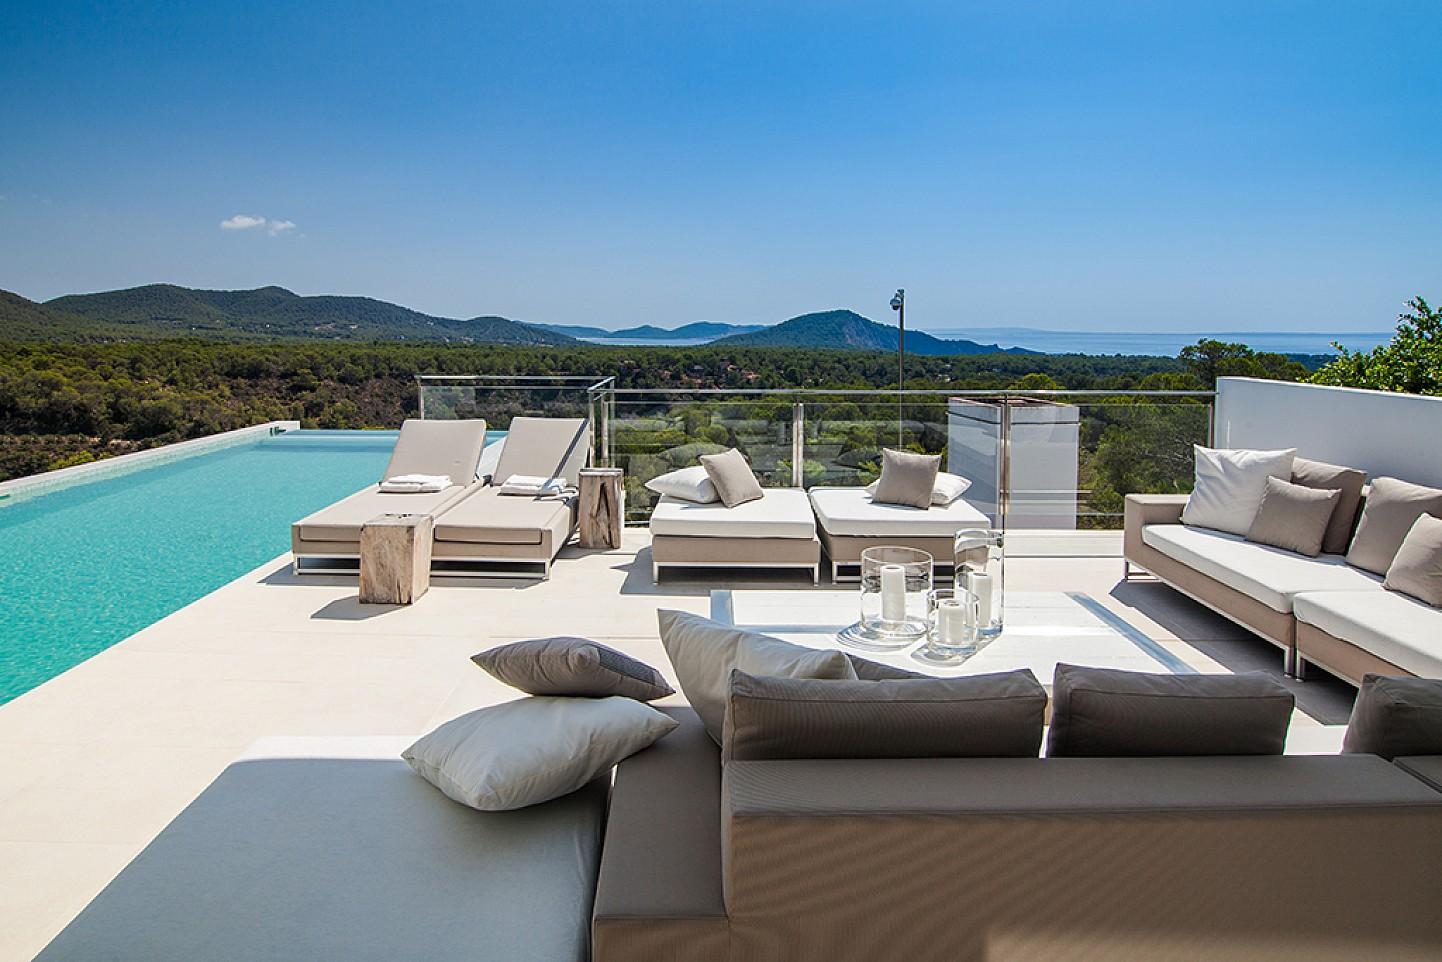 Terrasse mit Pool und Chill Out Bereich